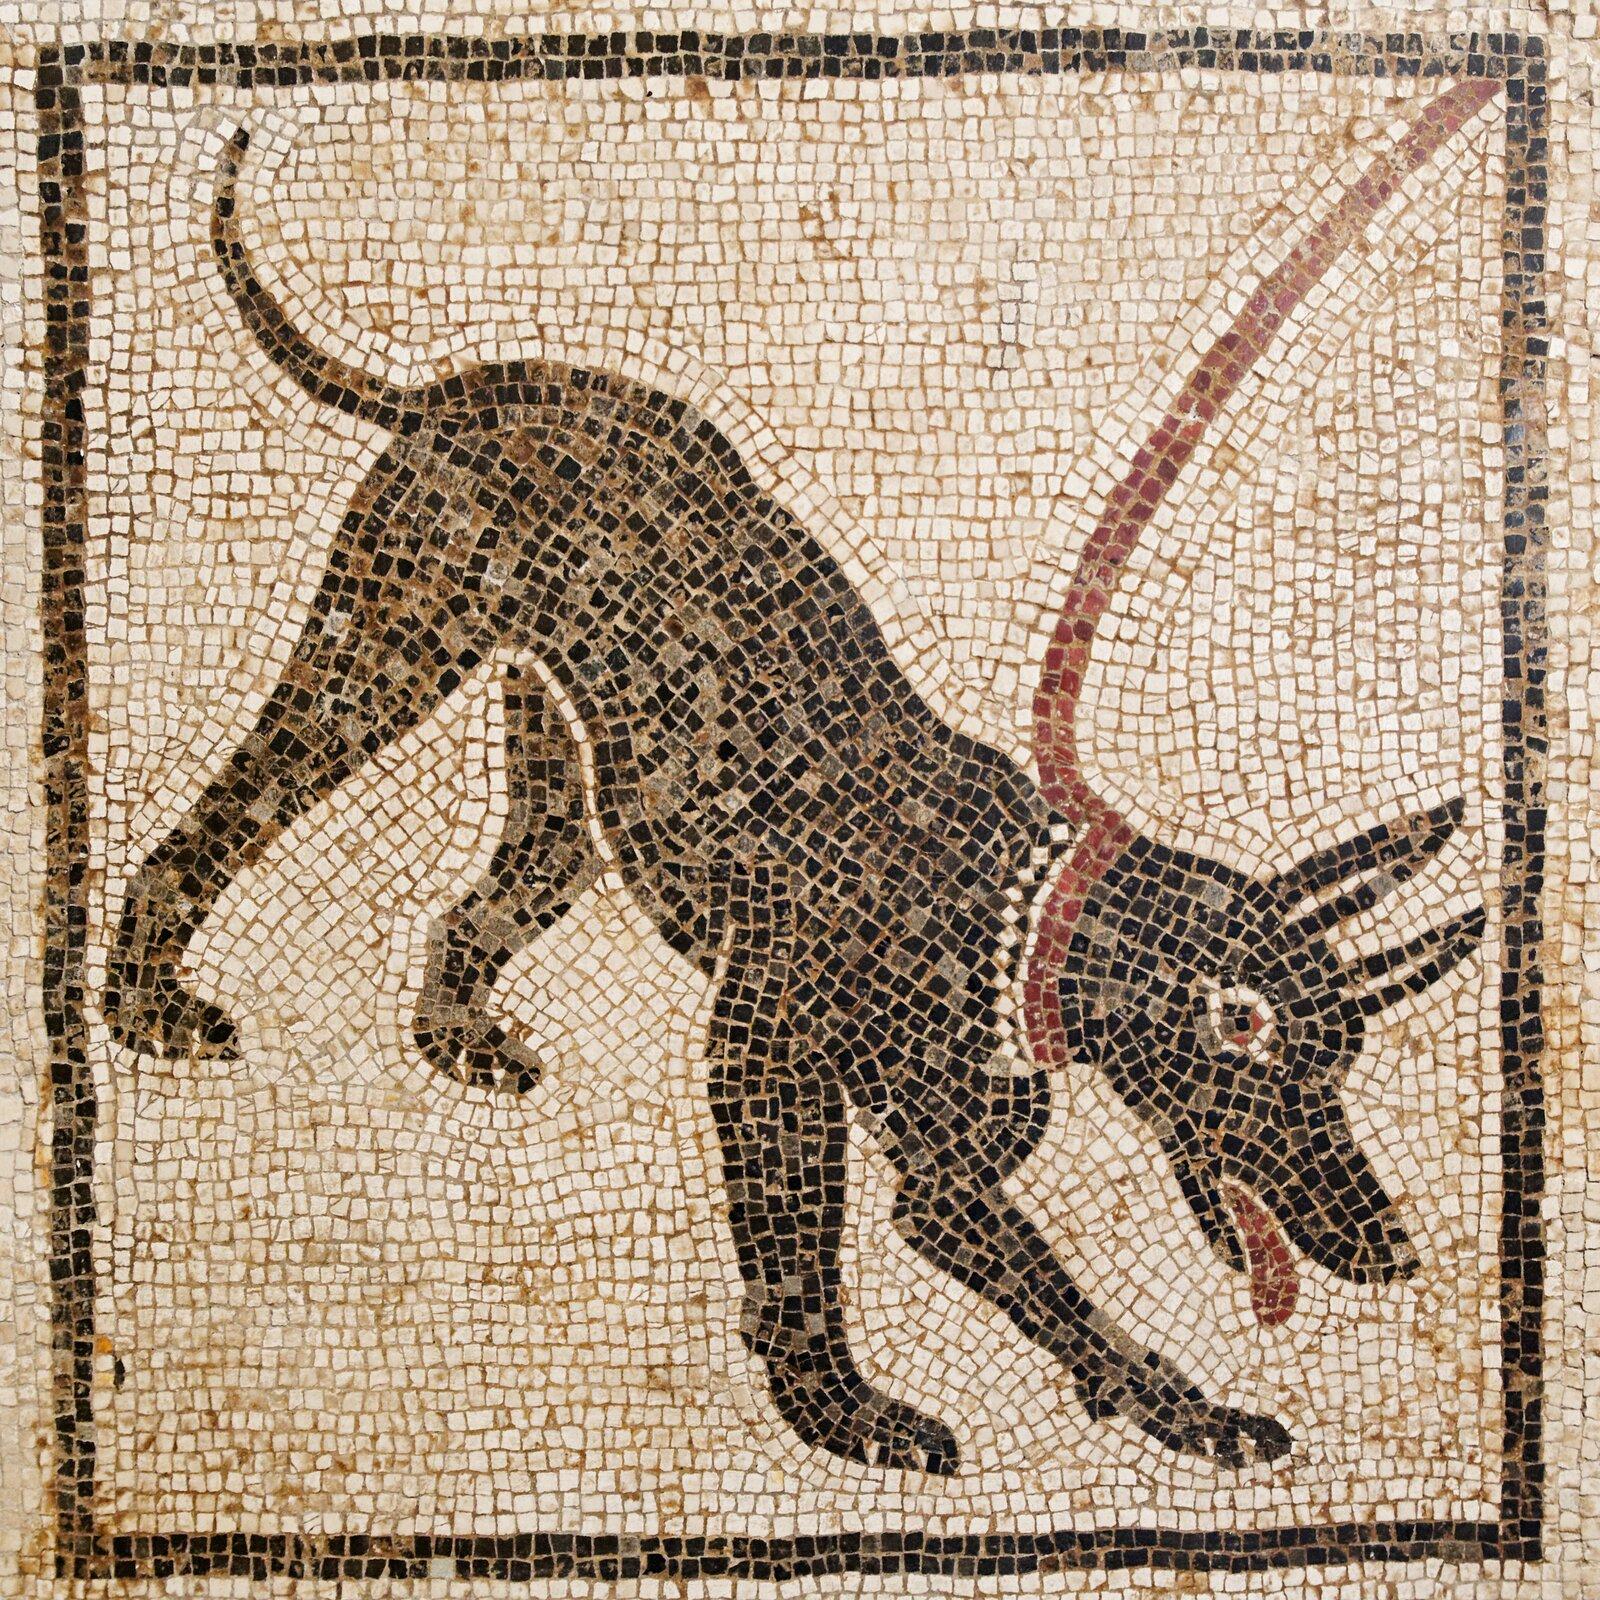 Kolorowa ukazuje rzymską mozaikę zNeapolu. Na kwadratowym jasnym tle przedstawiony jest duży ciemny pies. Pysk ma skierowany wprawy dolny róg kwadratu. Ma cienki, lekko zawinięty do góry ogon, spiczaste uszy, zpyska wystaje czerwony język. Pies ma na szyi obrożę. Przywiązana do niej smycz skierowana jest wprawy górny róg mozaiki.